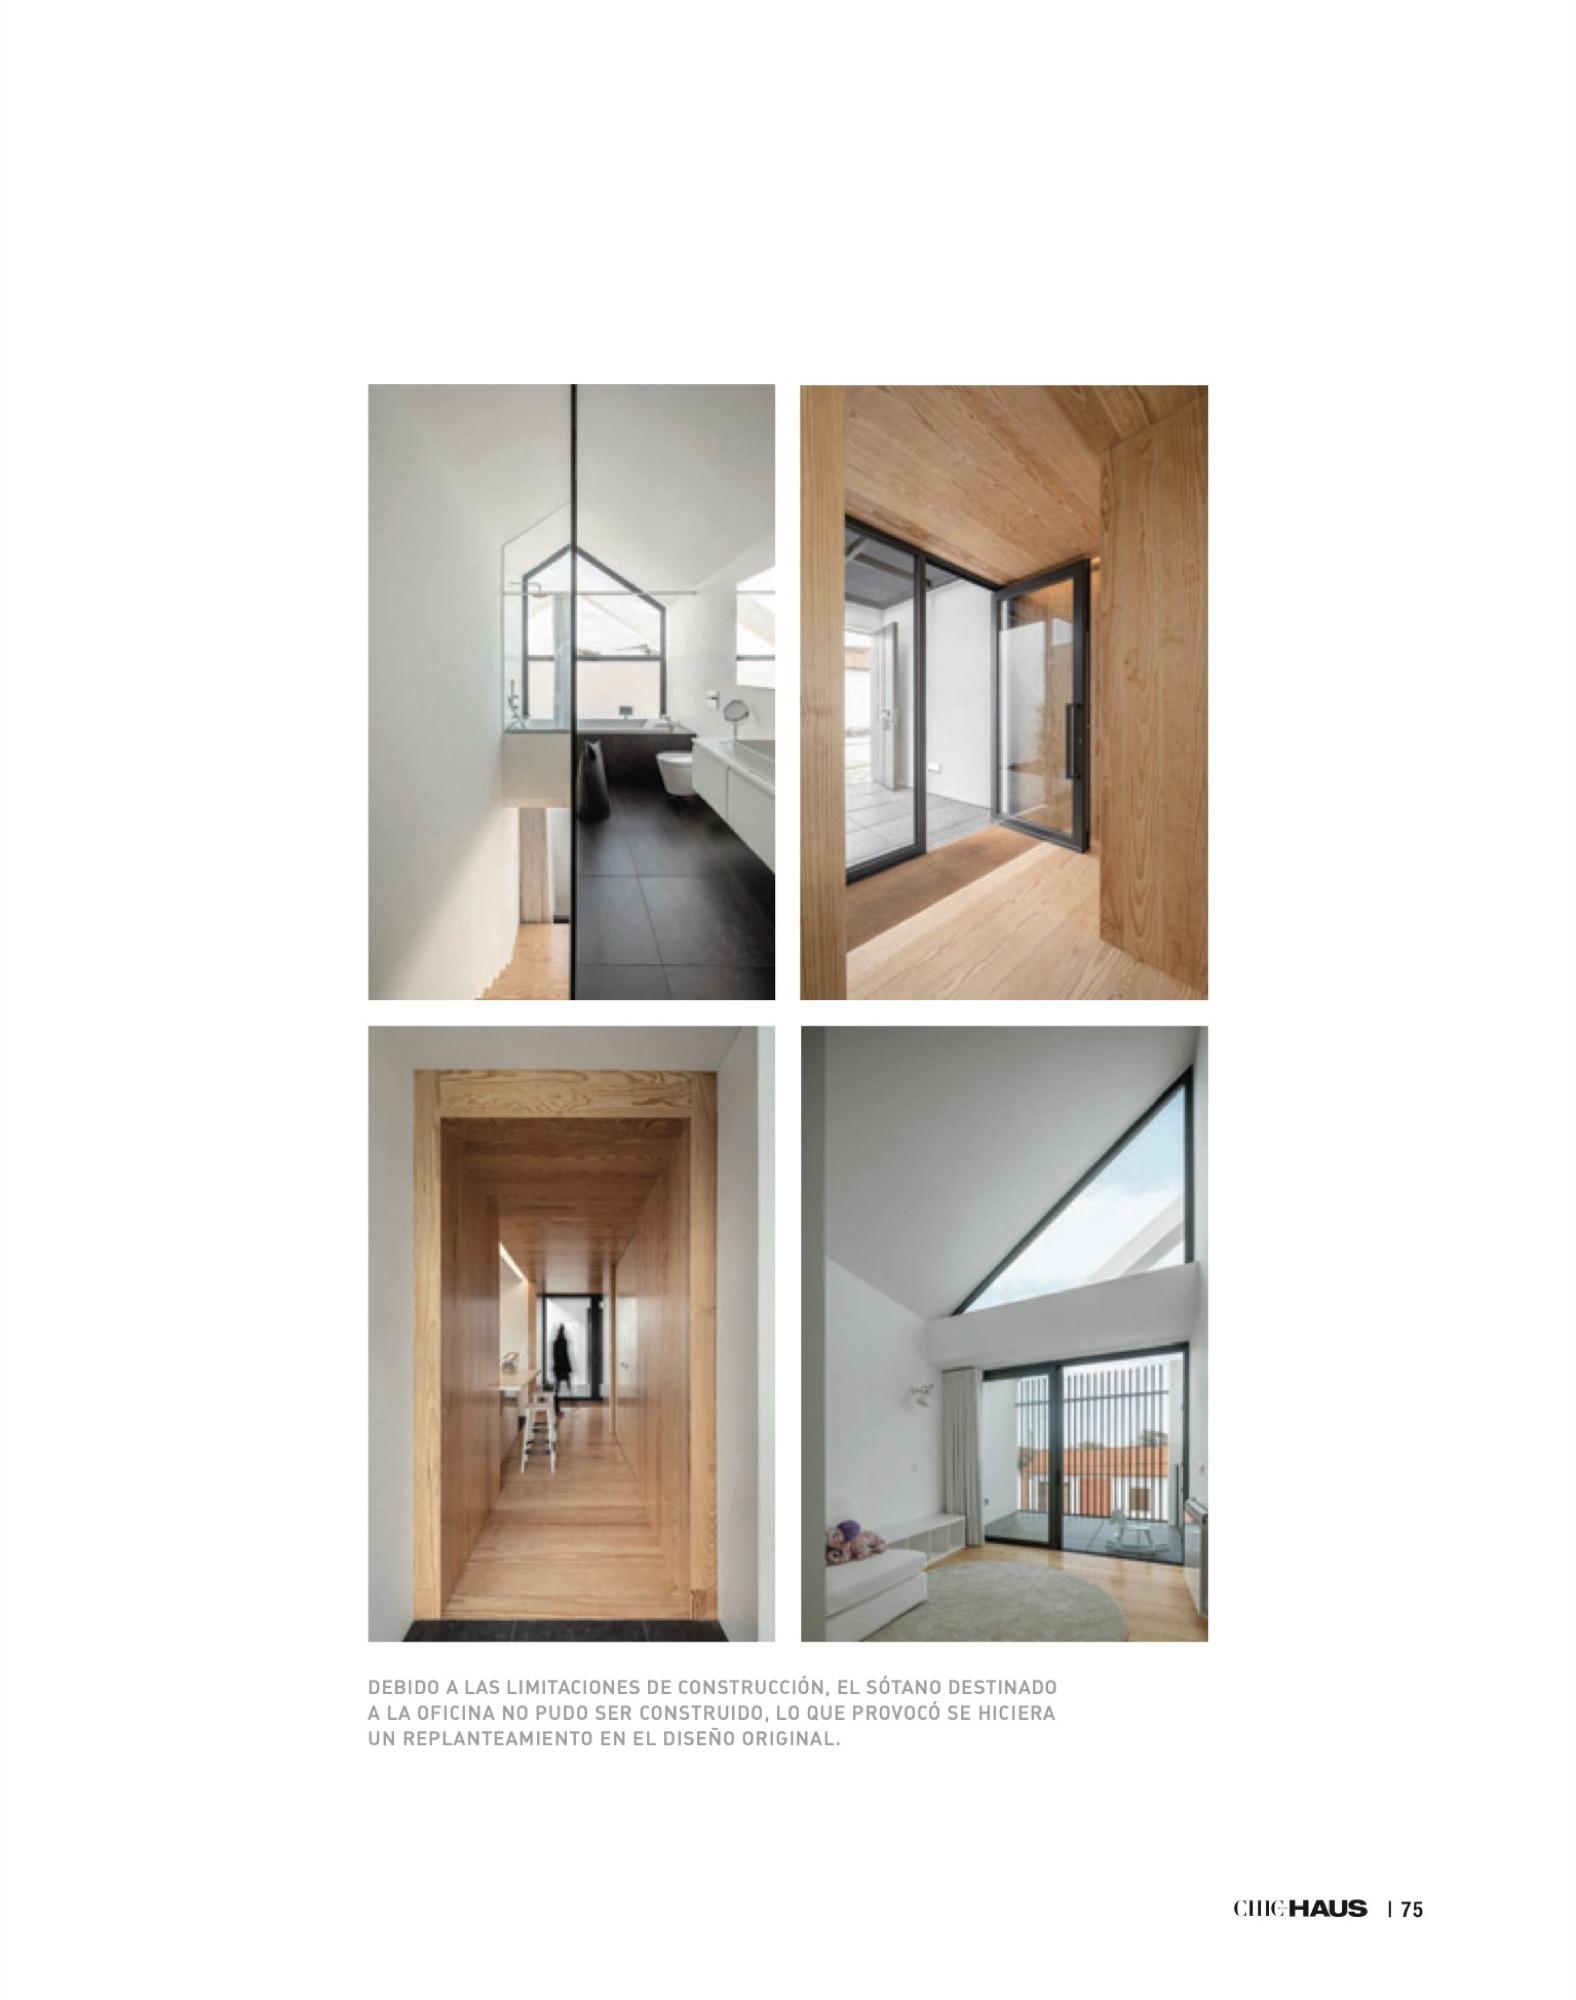 Chic Haus Magazine September Casa Arco Frari Arquitectura 231 75 do fotografo Ivo Tavares Studio